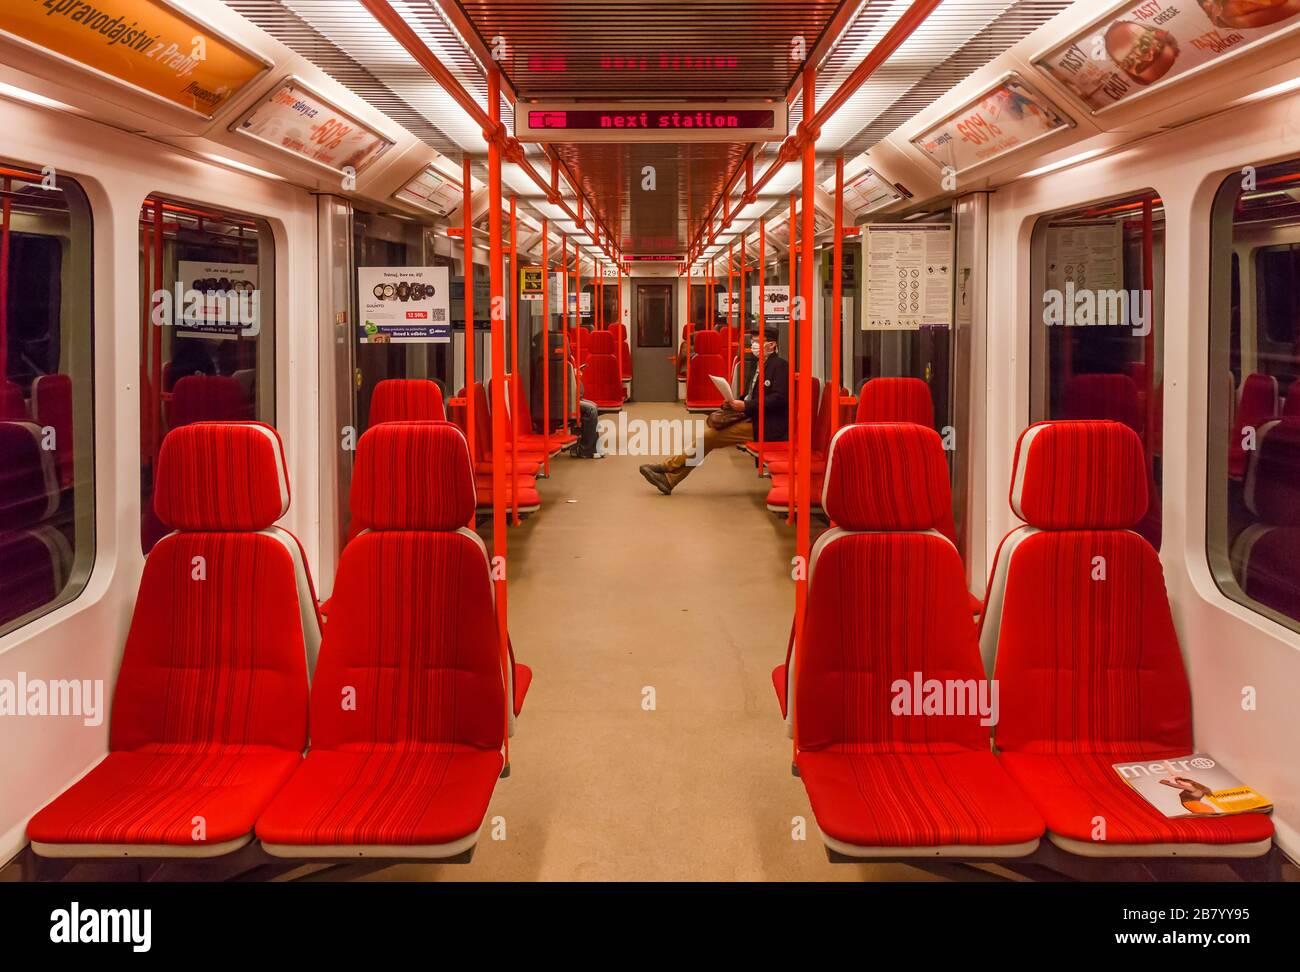 PRAGA-Marzo 18:treno vuoto della metropolitana di Praga durante l'ora di punta, l'impatto delle restrizioni di viaggio durante la pandemia di coronavirus il 18 marzo 2020 i Foto Stock